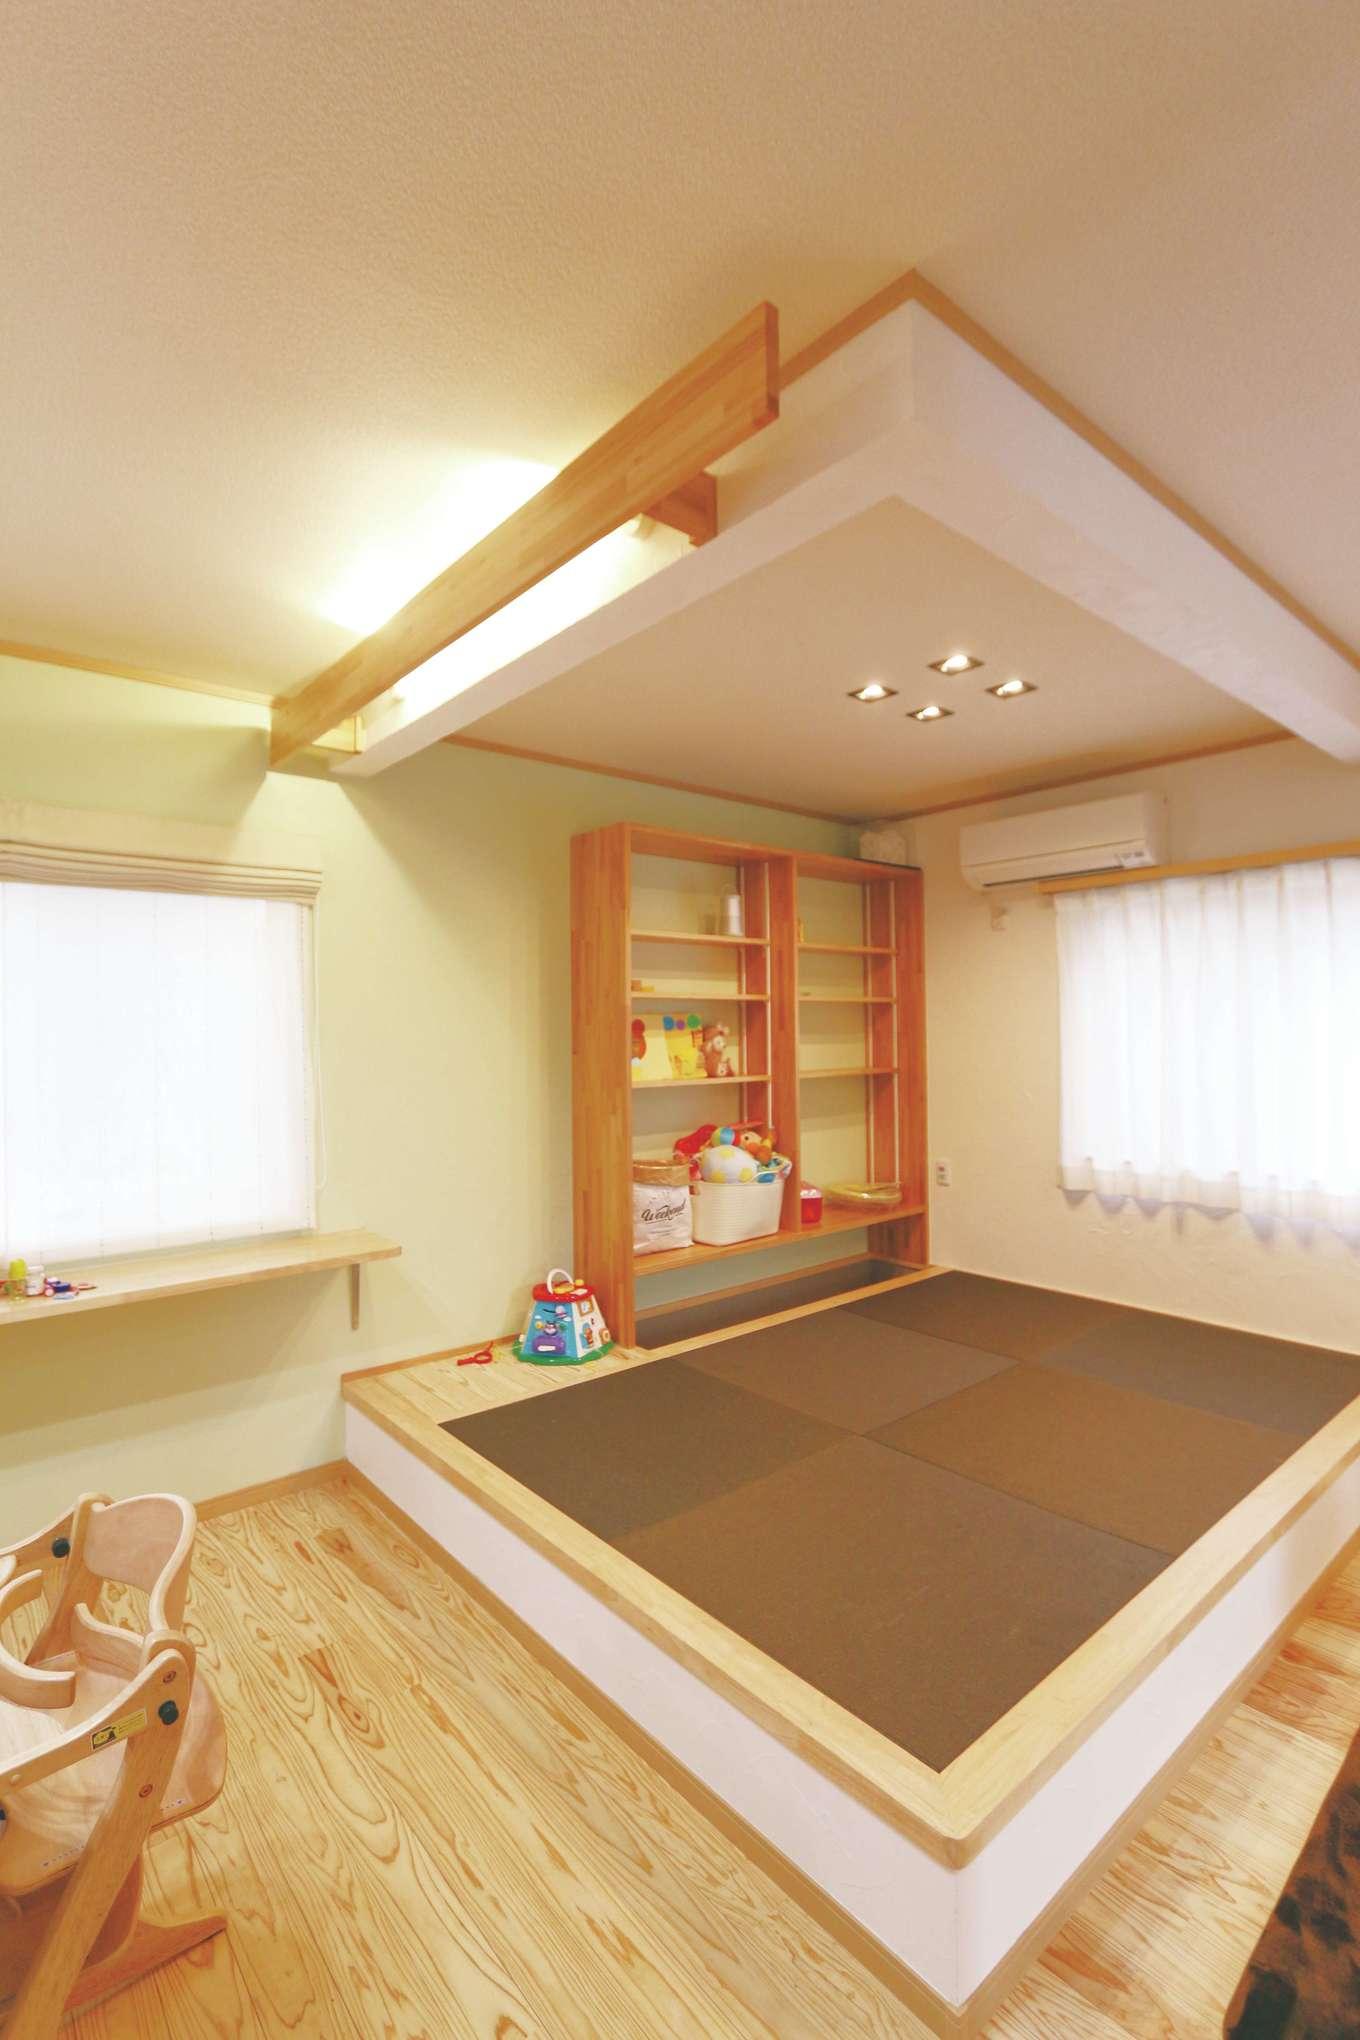 じゆうの家(藤田建設)【1000万円台、子育て、自然素材】小上がりにはスタディスペースを用意。いつも家族が集うLDKの床には無垢の杉を採用。ショールームの床にご主人が寝転んで、感触を確かめて選んだ